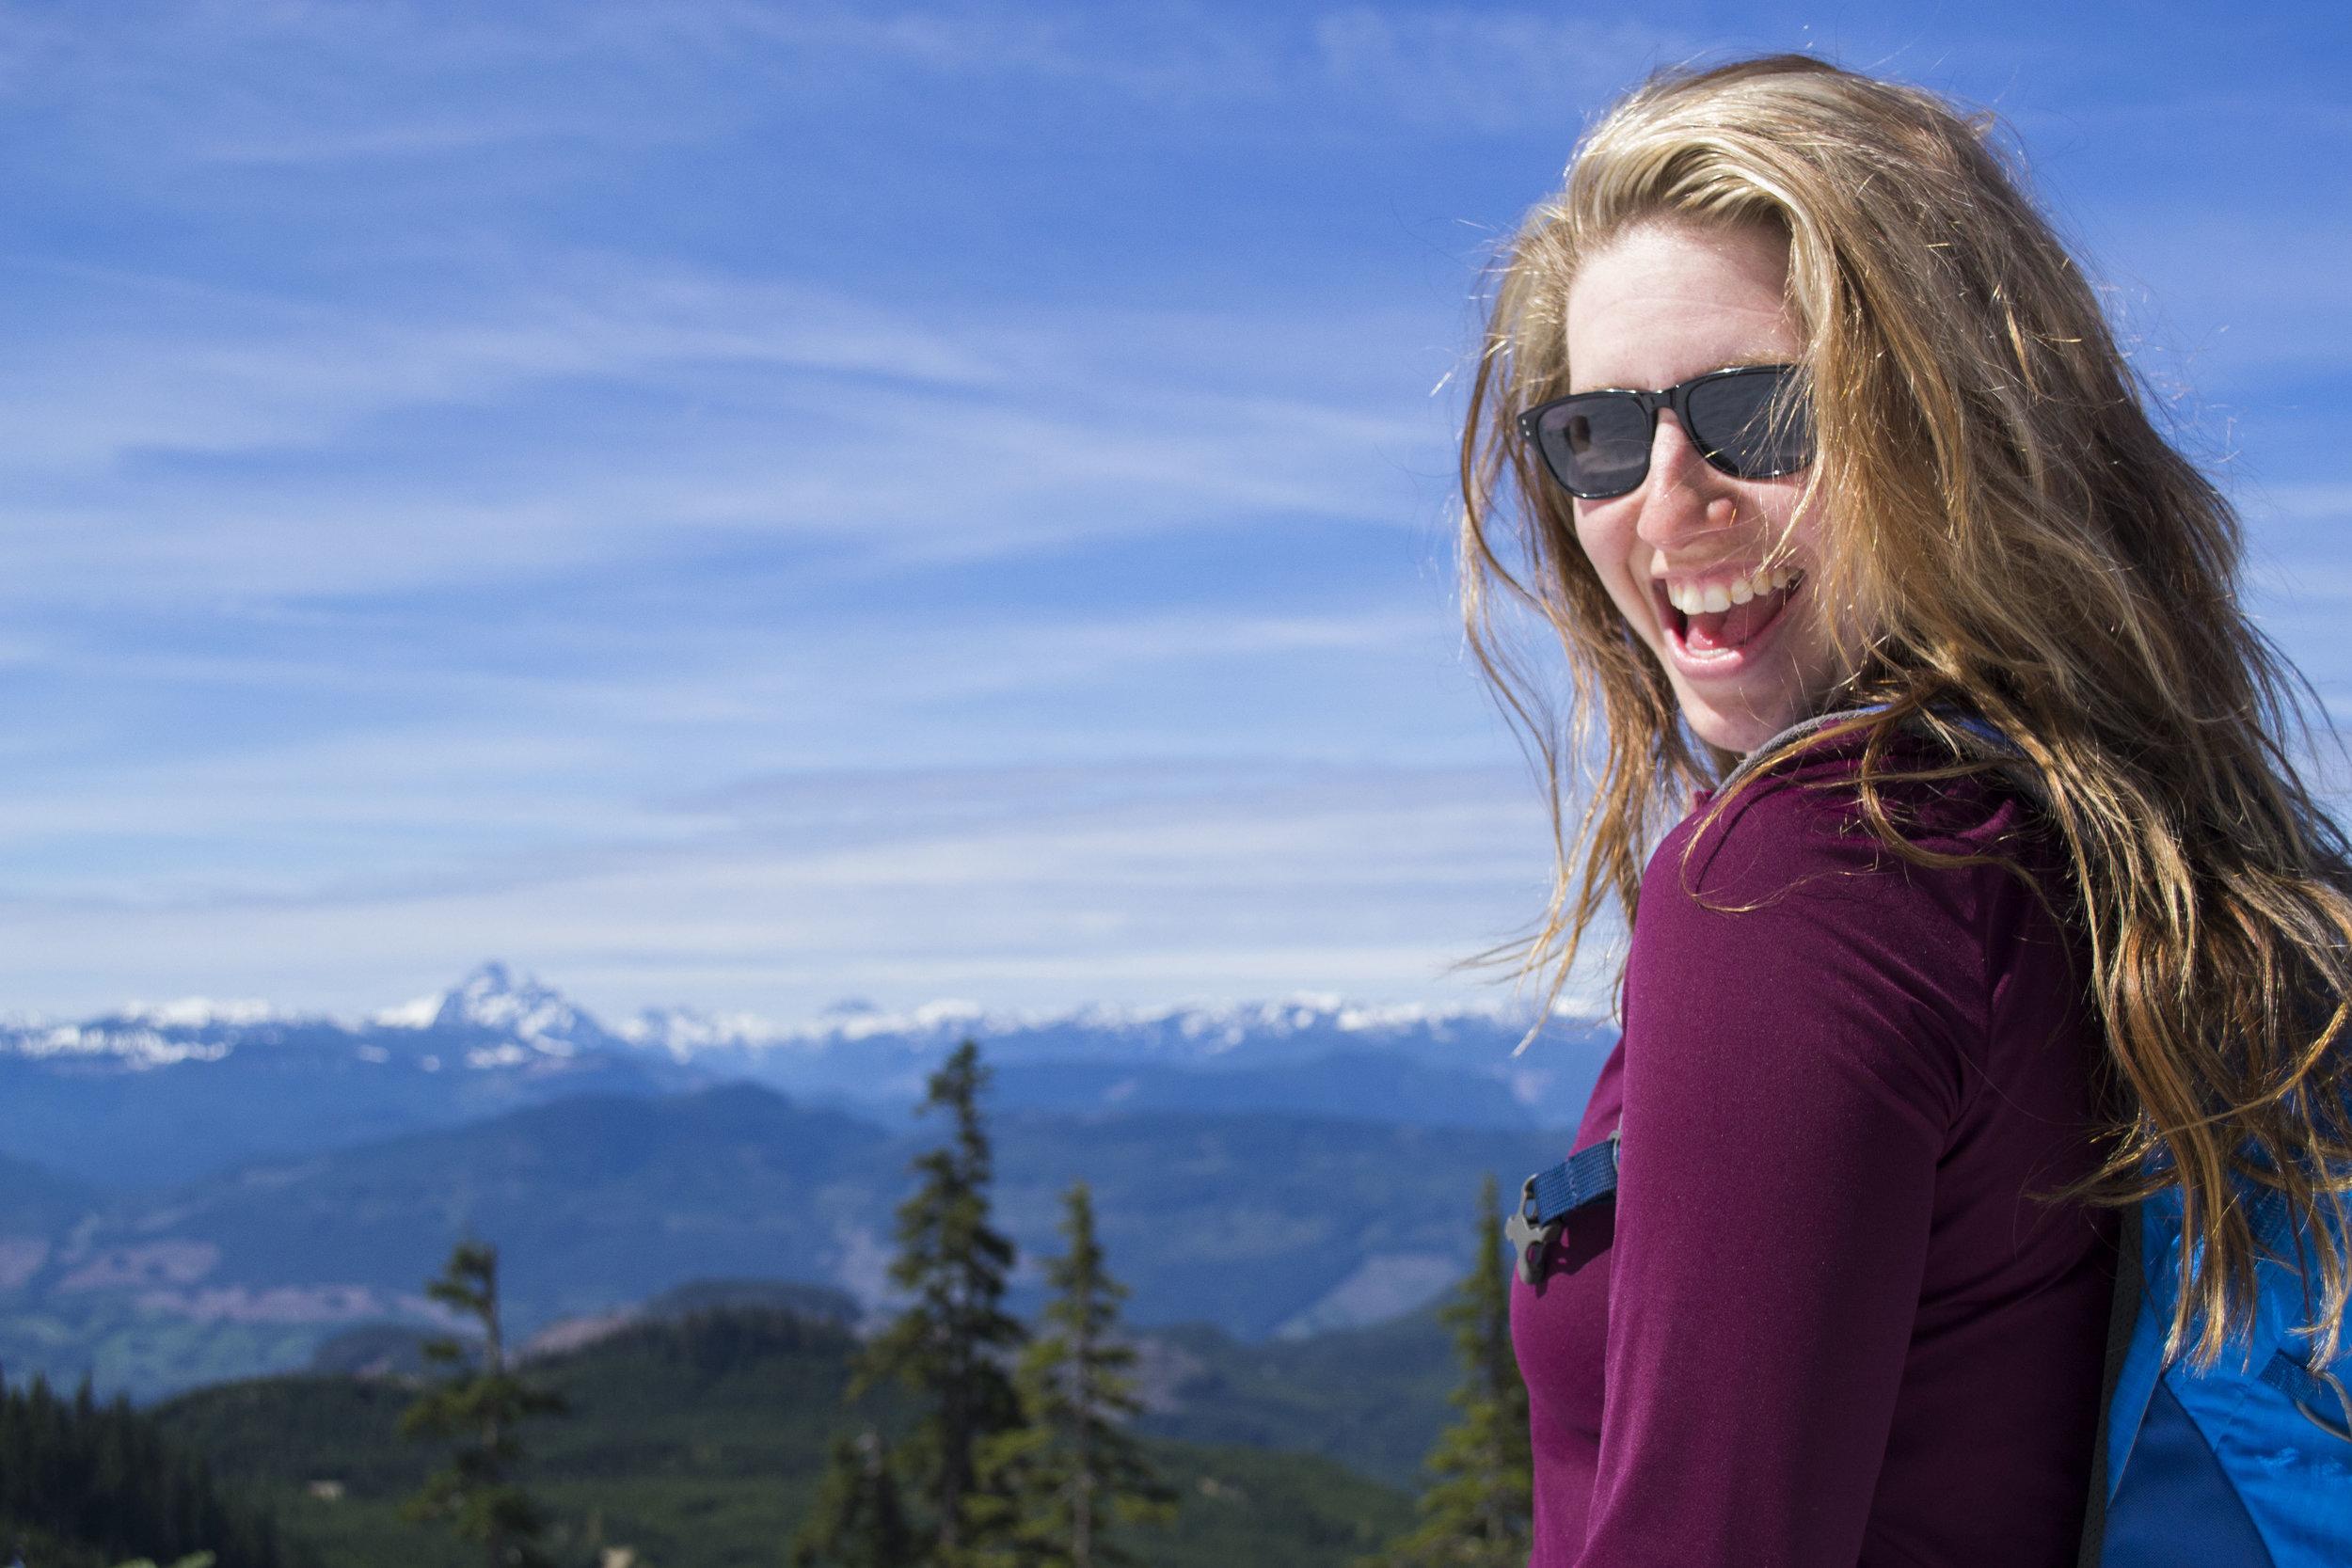 Girl on a Vancouver bike tour